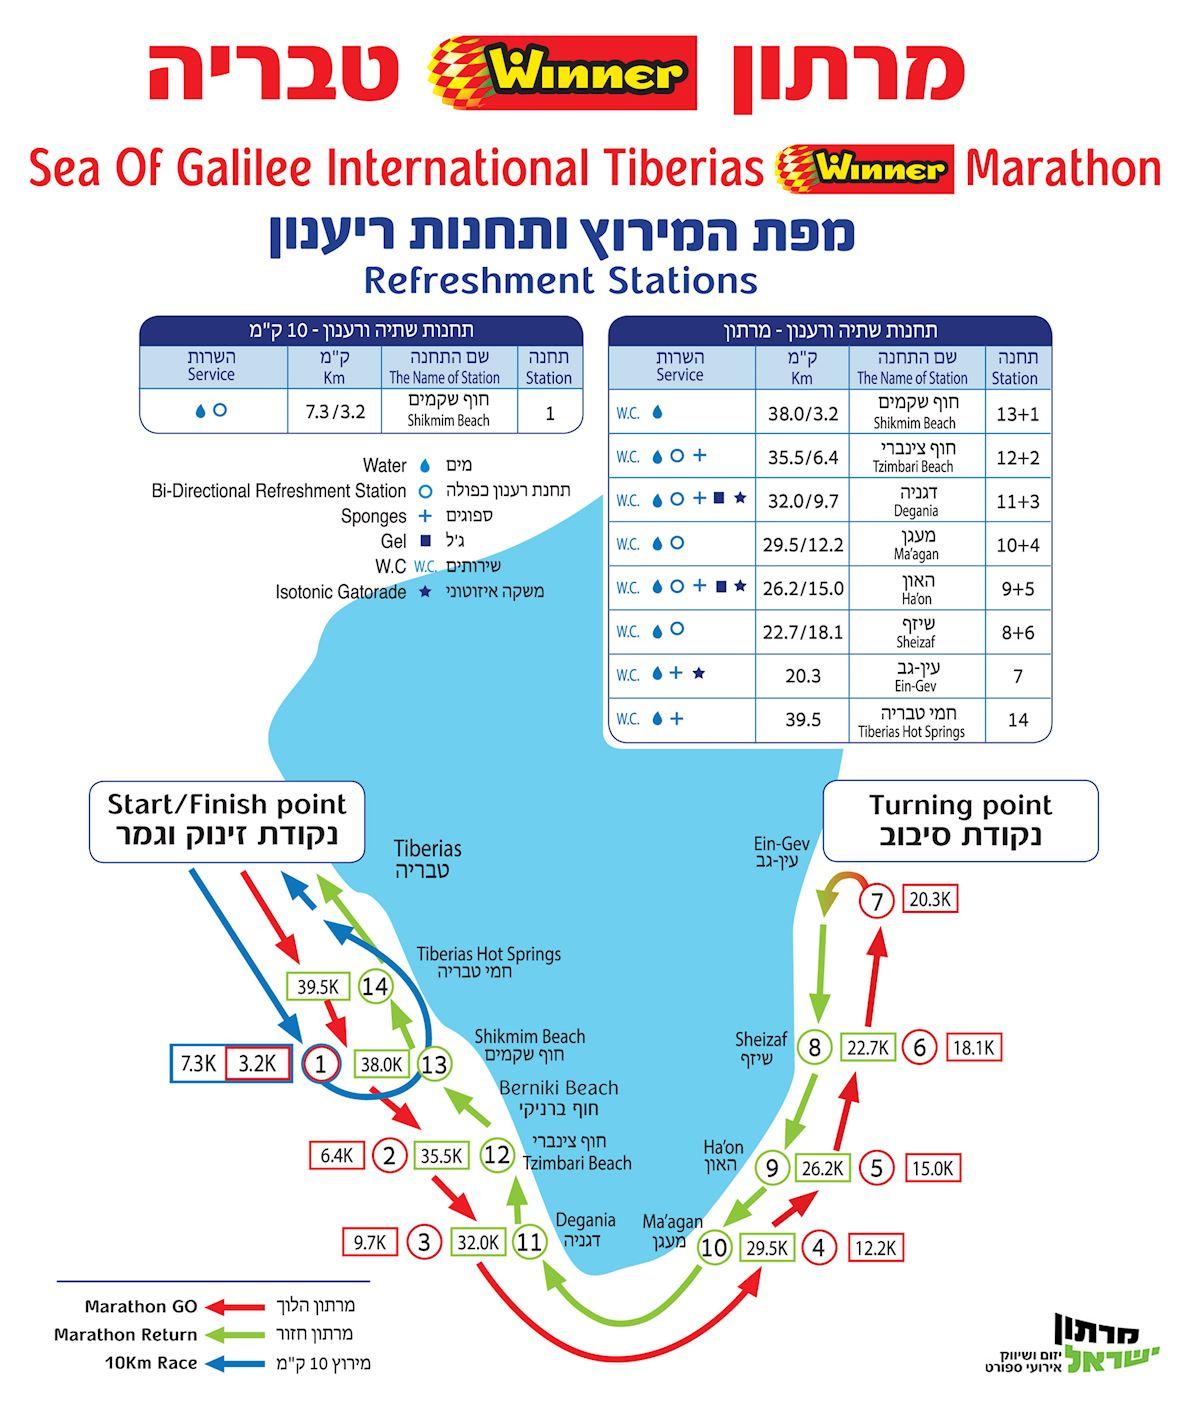 Tiberias Winner Marathon MAPA DEL RECORRIDO DE